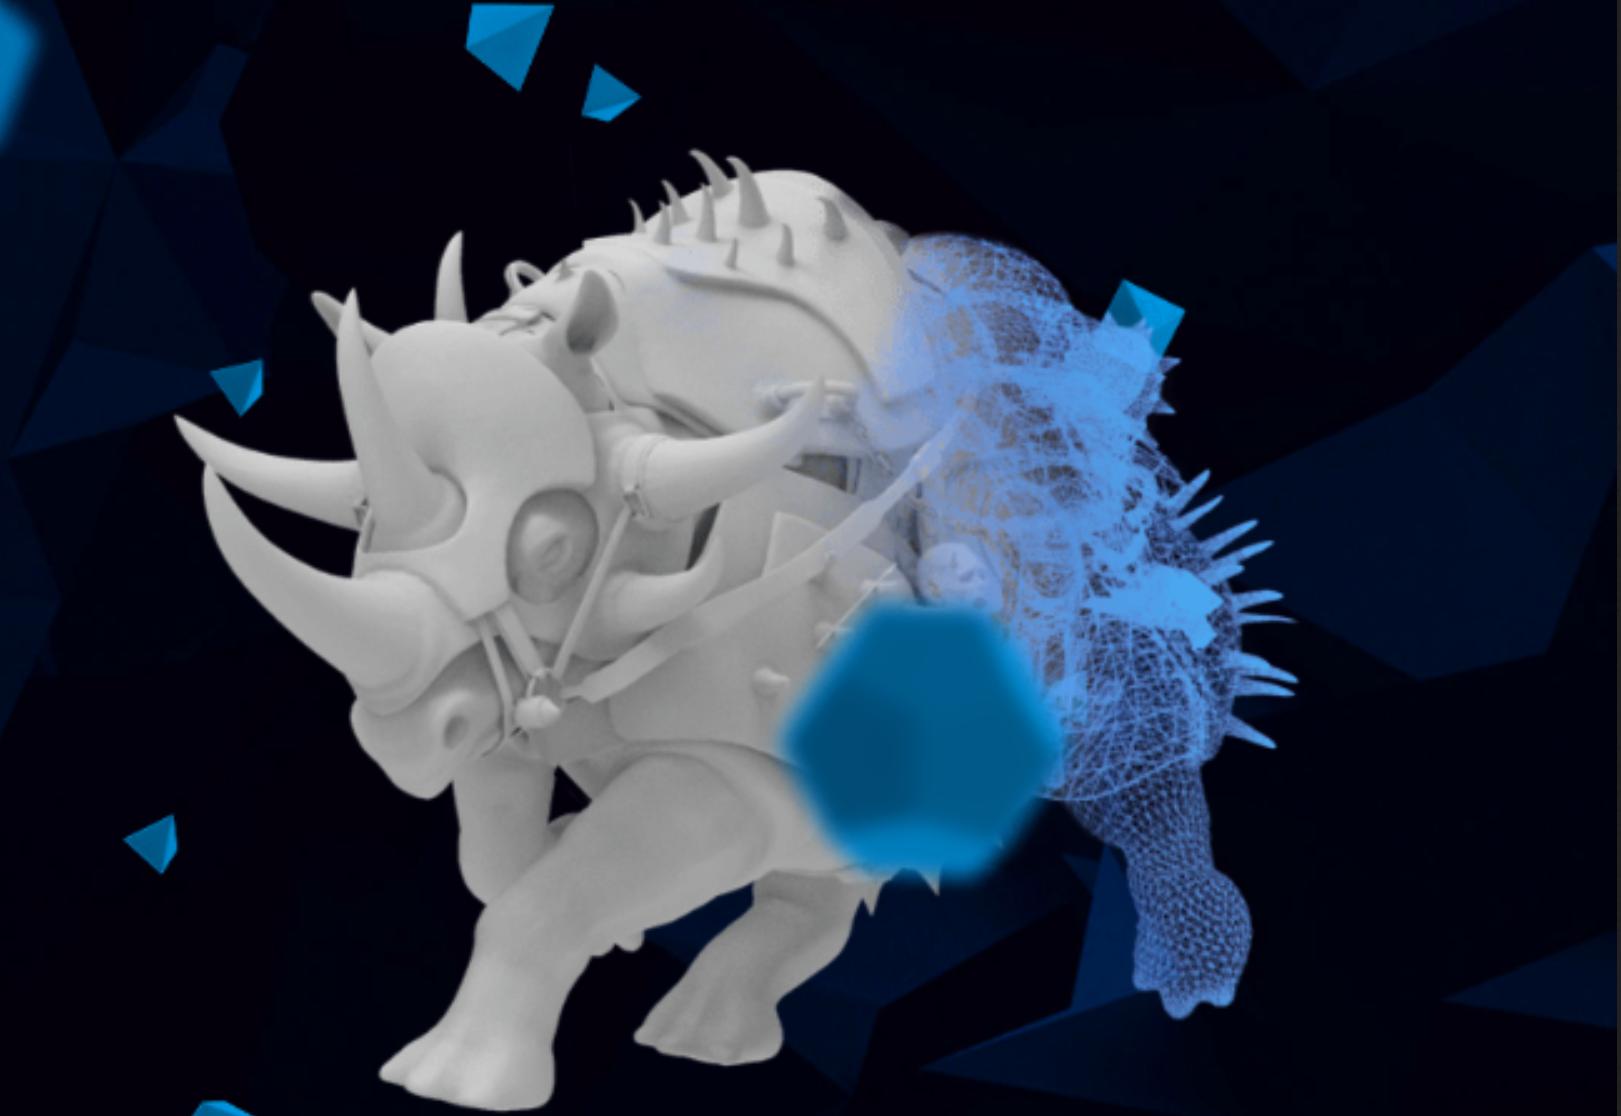 کمپانی یوبیسافت محصول چاپ سه بعدی از بازی های خود عرضه می کند 2